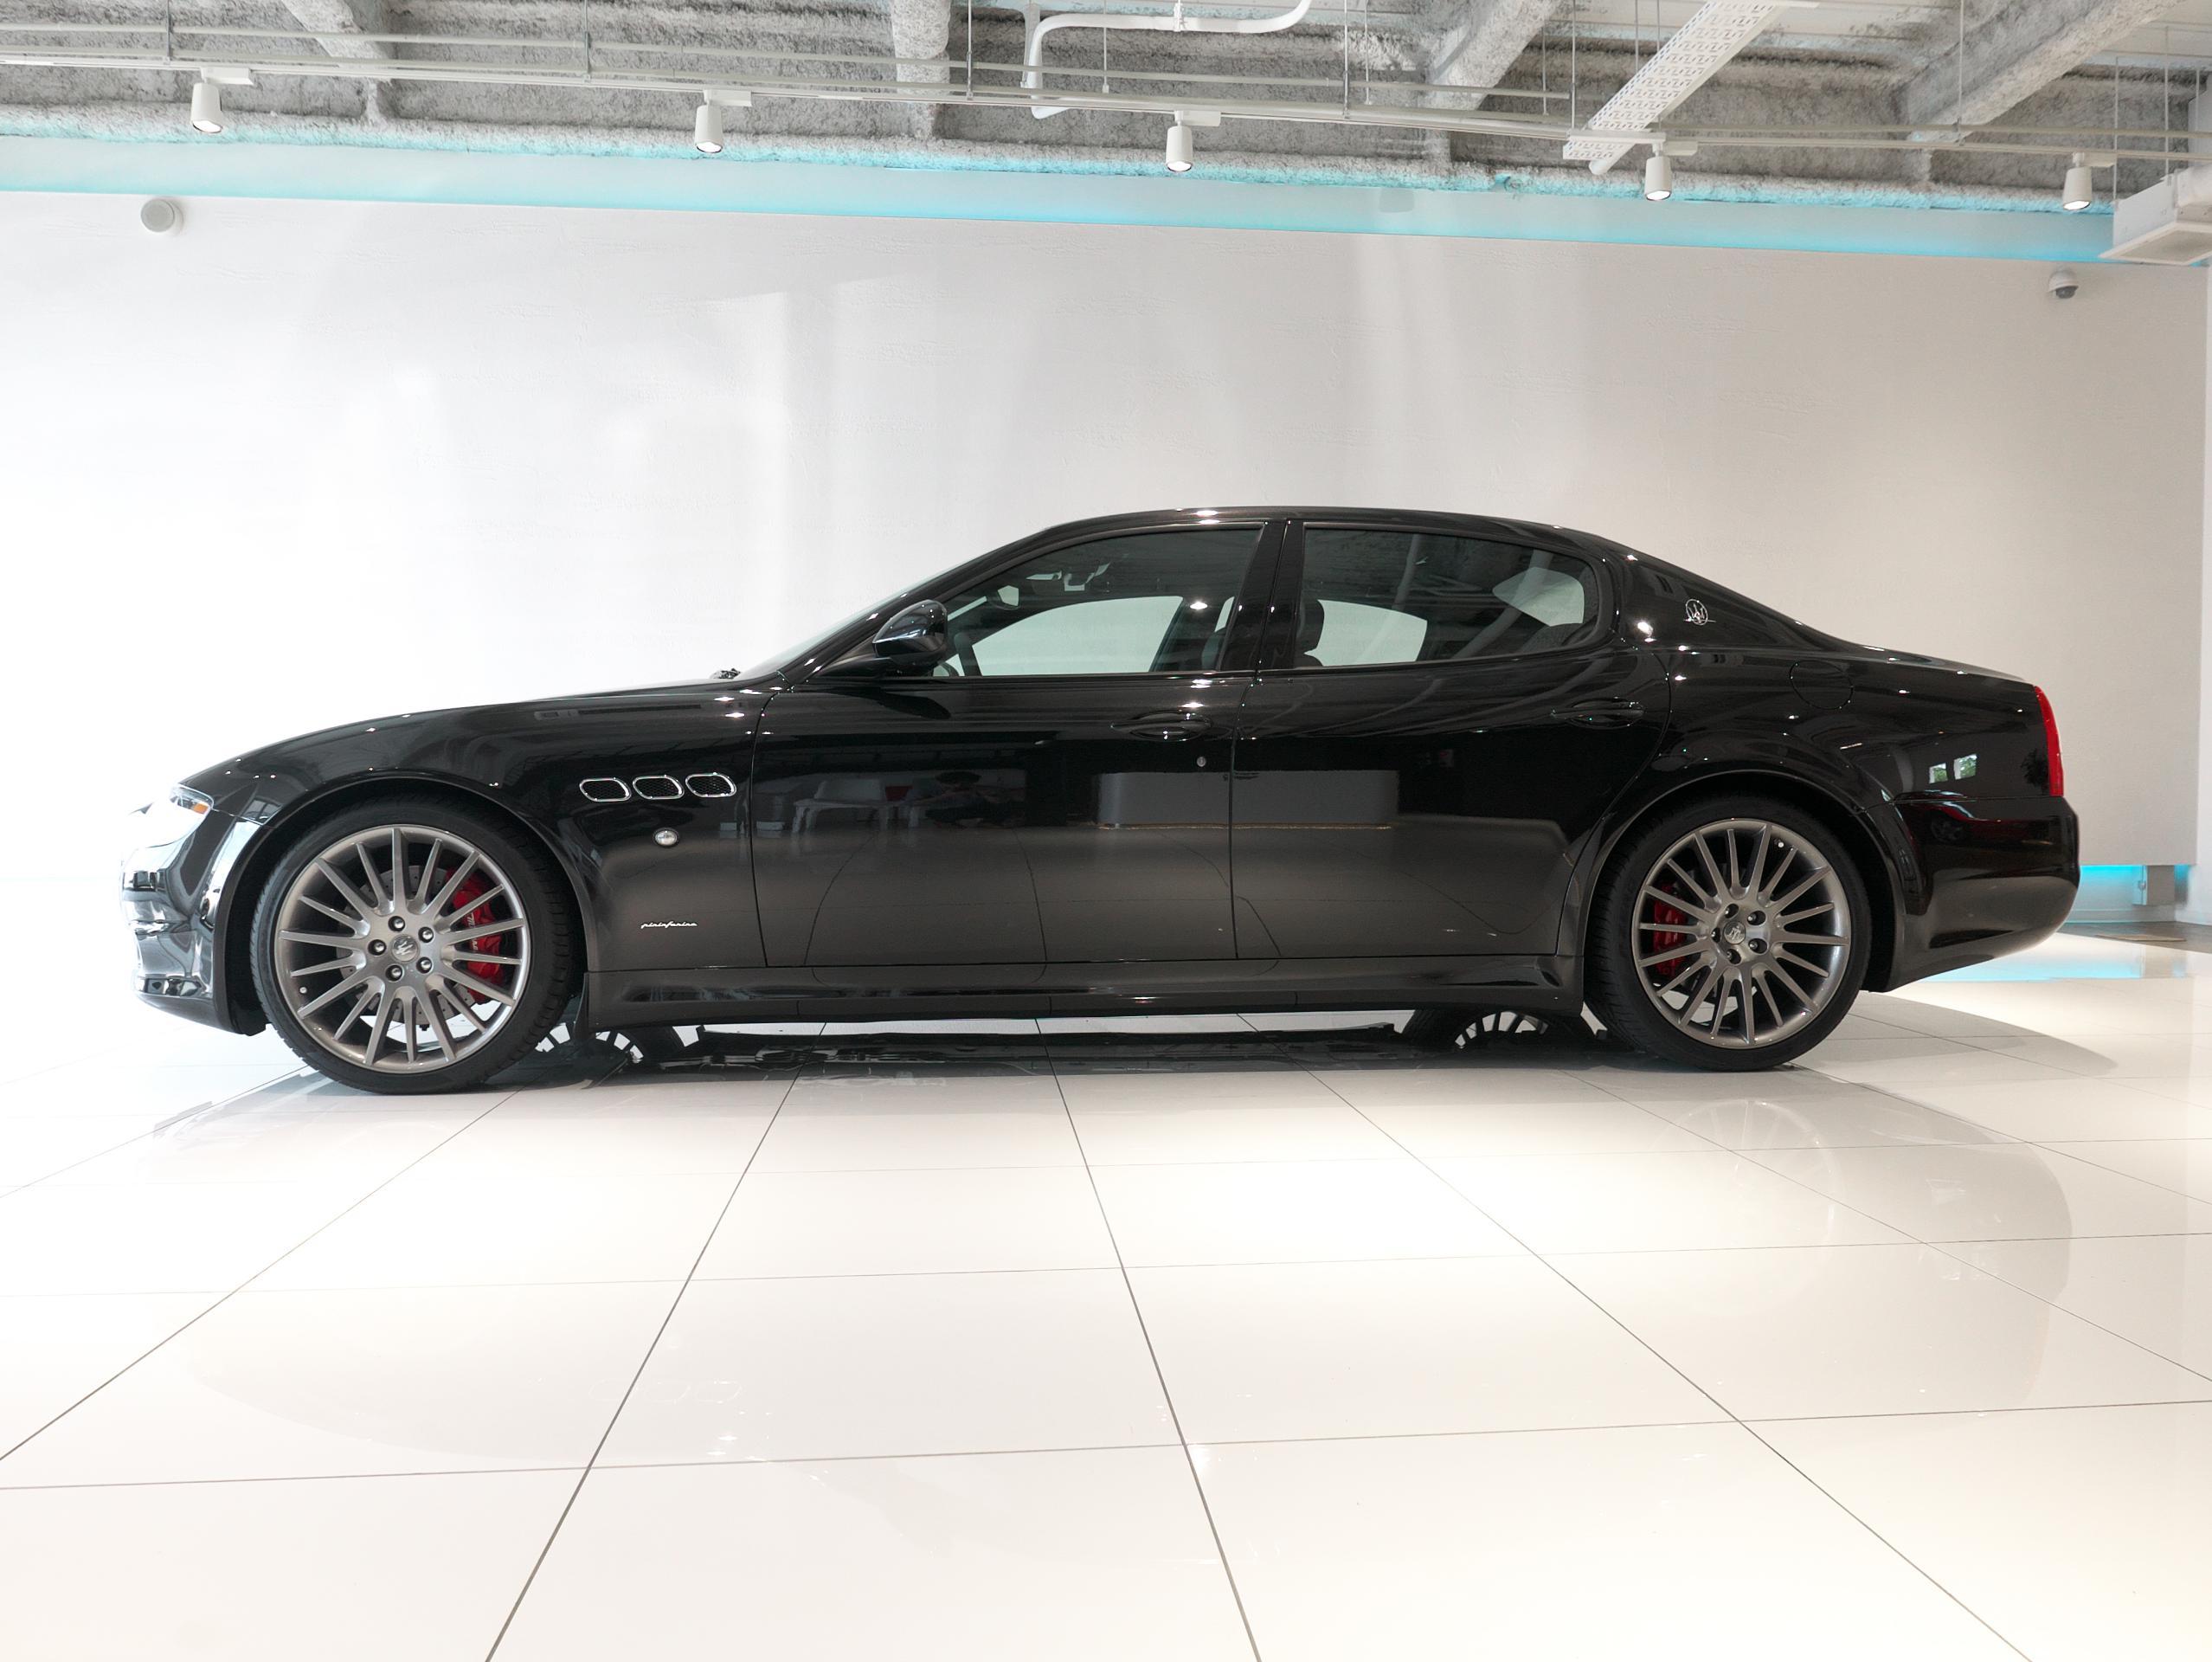 クアトロポルテ スポーツ GT S 左サイドビュー